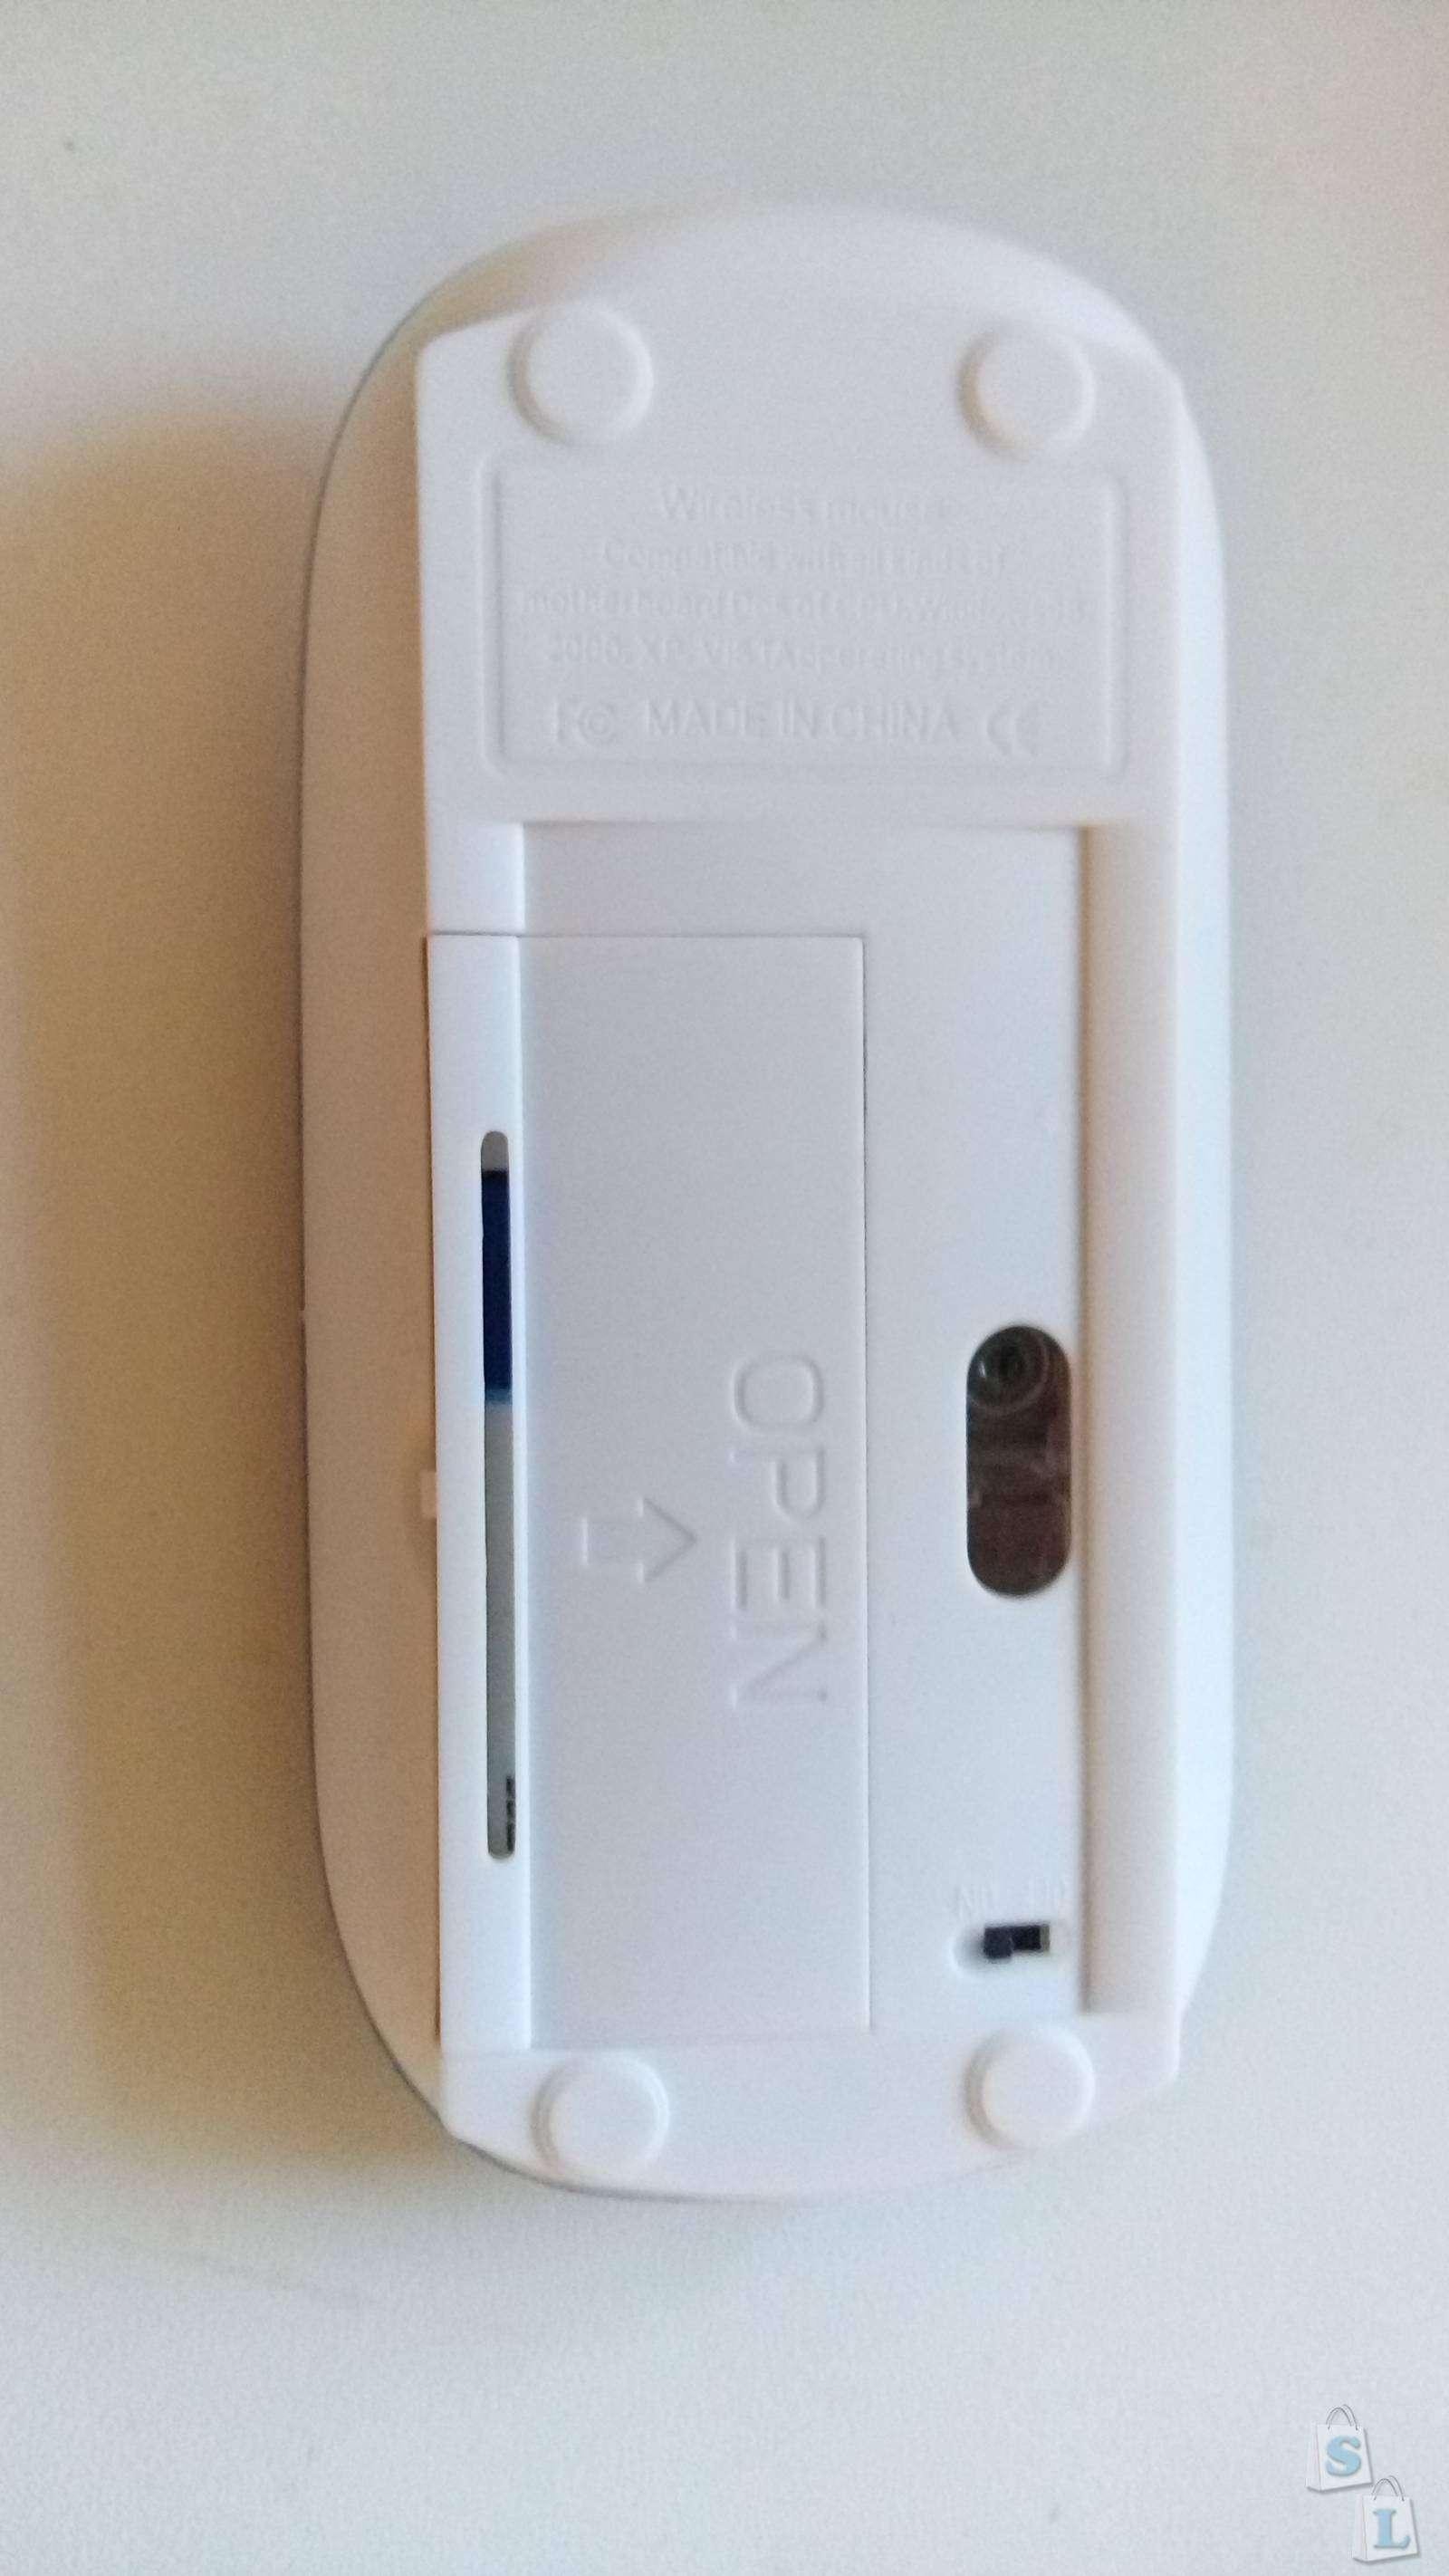 DealExtreme: Красивая, но пока бесполезная беспроводная мышка - отчет о выигрышном купоне